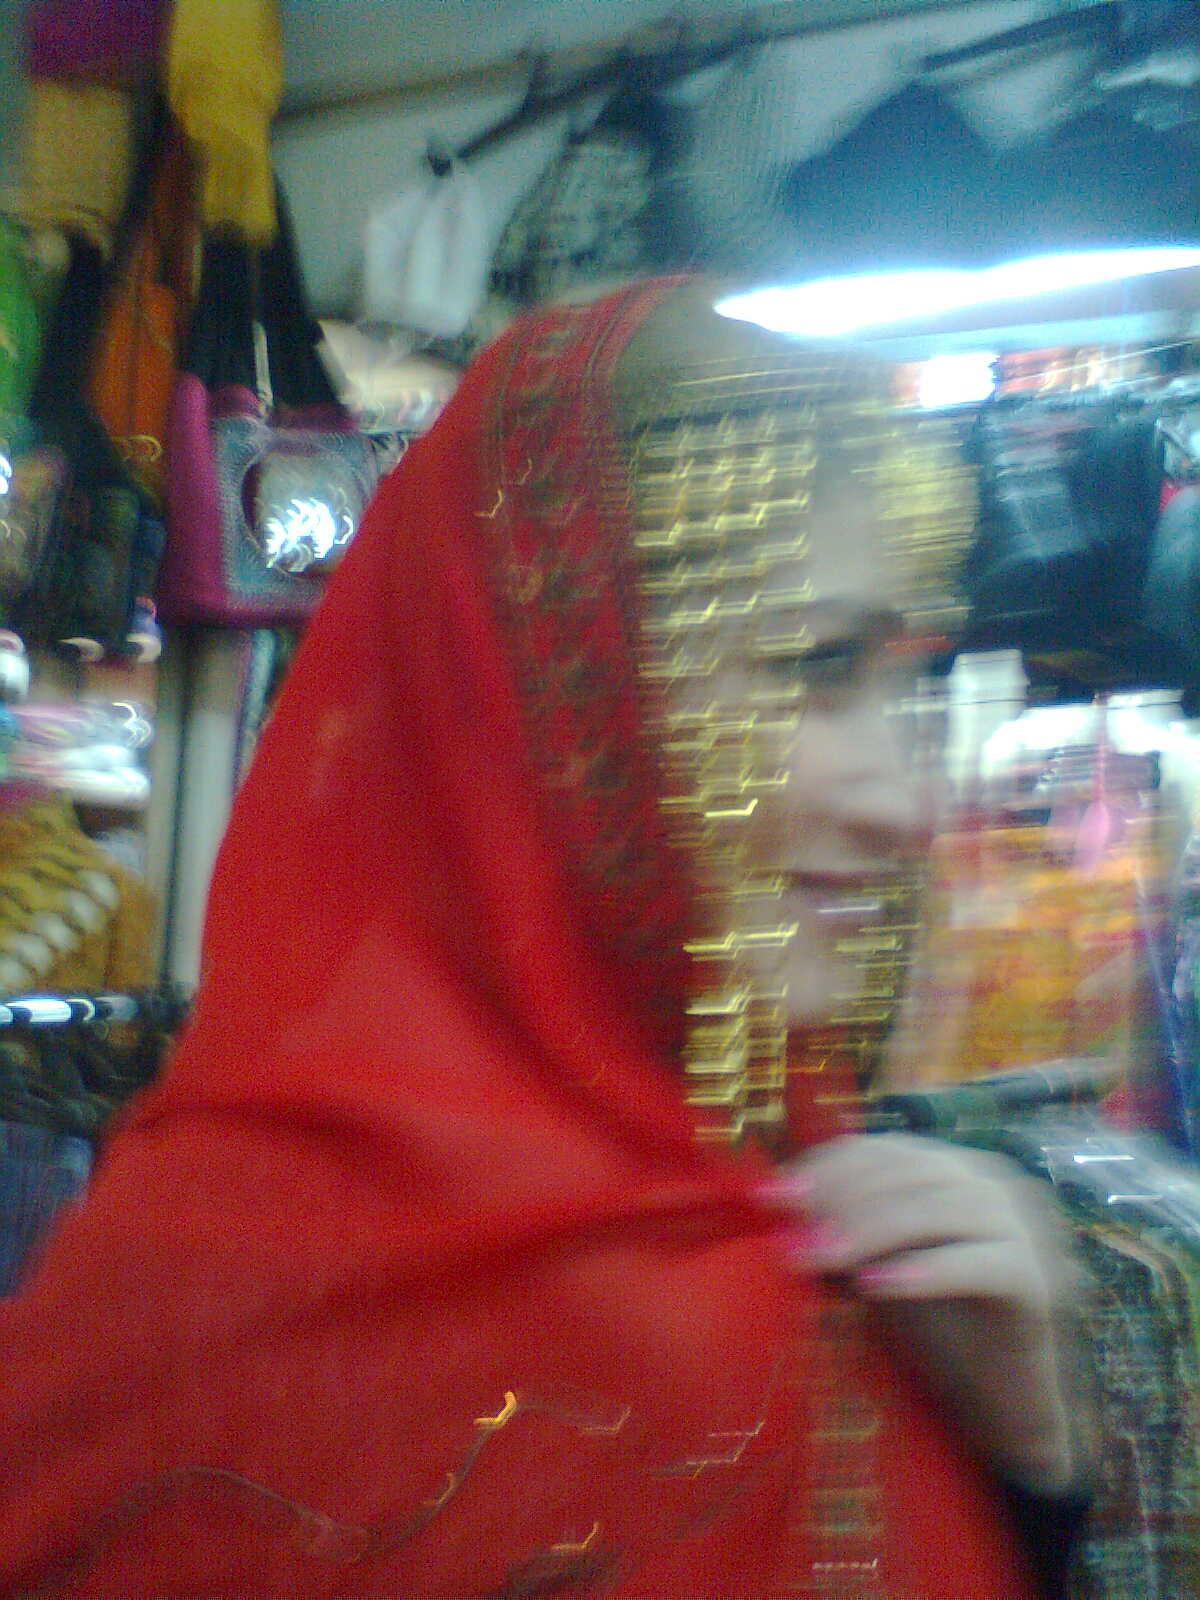 la vista hindu personals Los angeles escorts - the eros guide to los angeles escorts and adult entertainers in california.